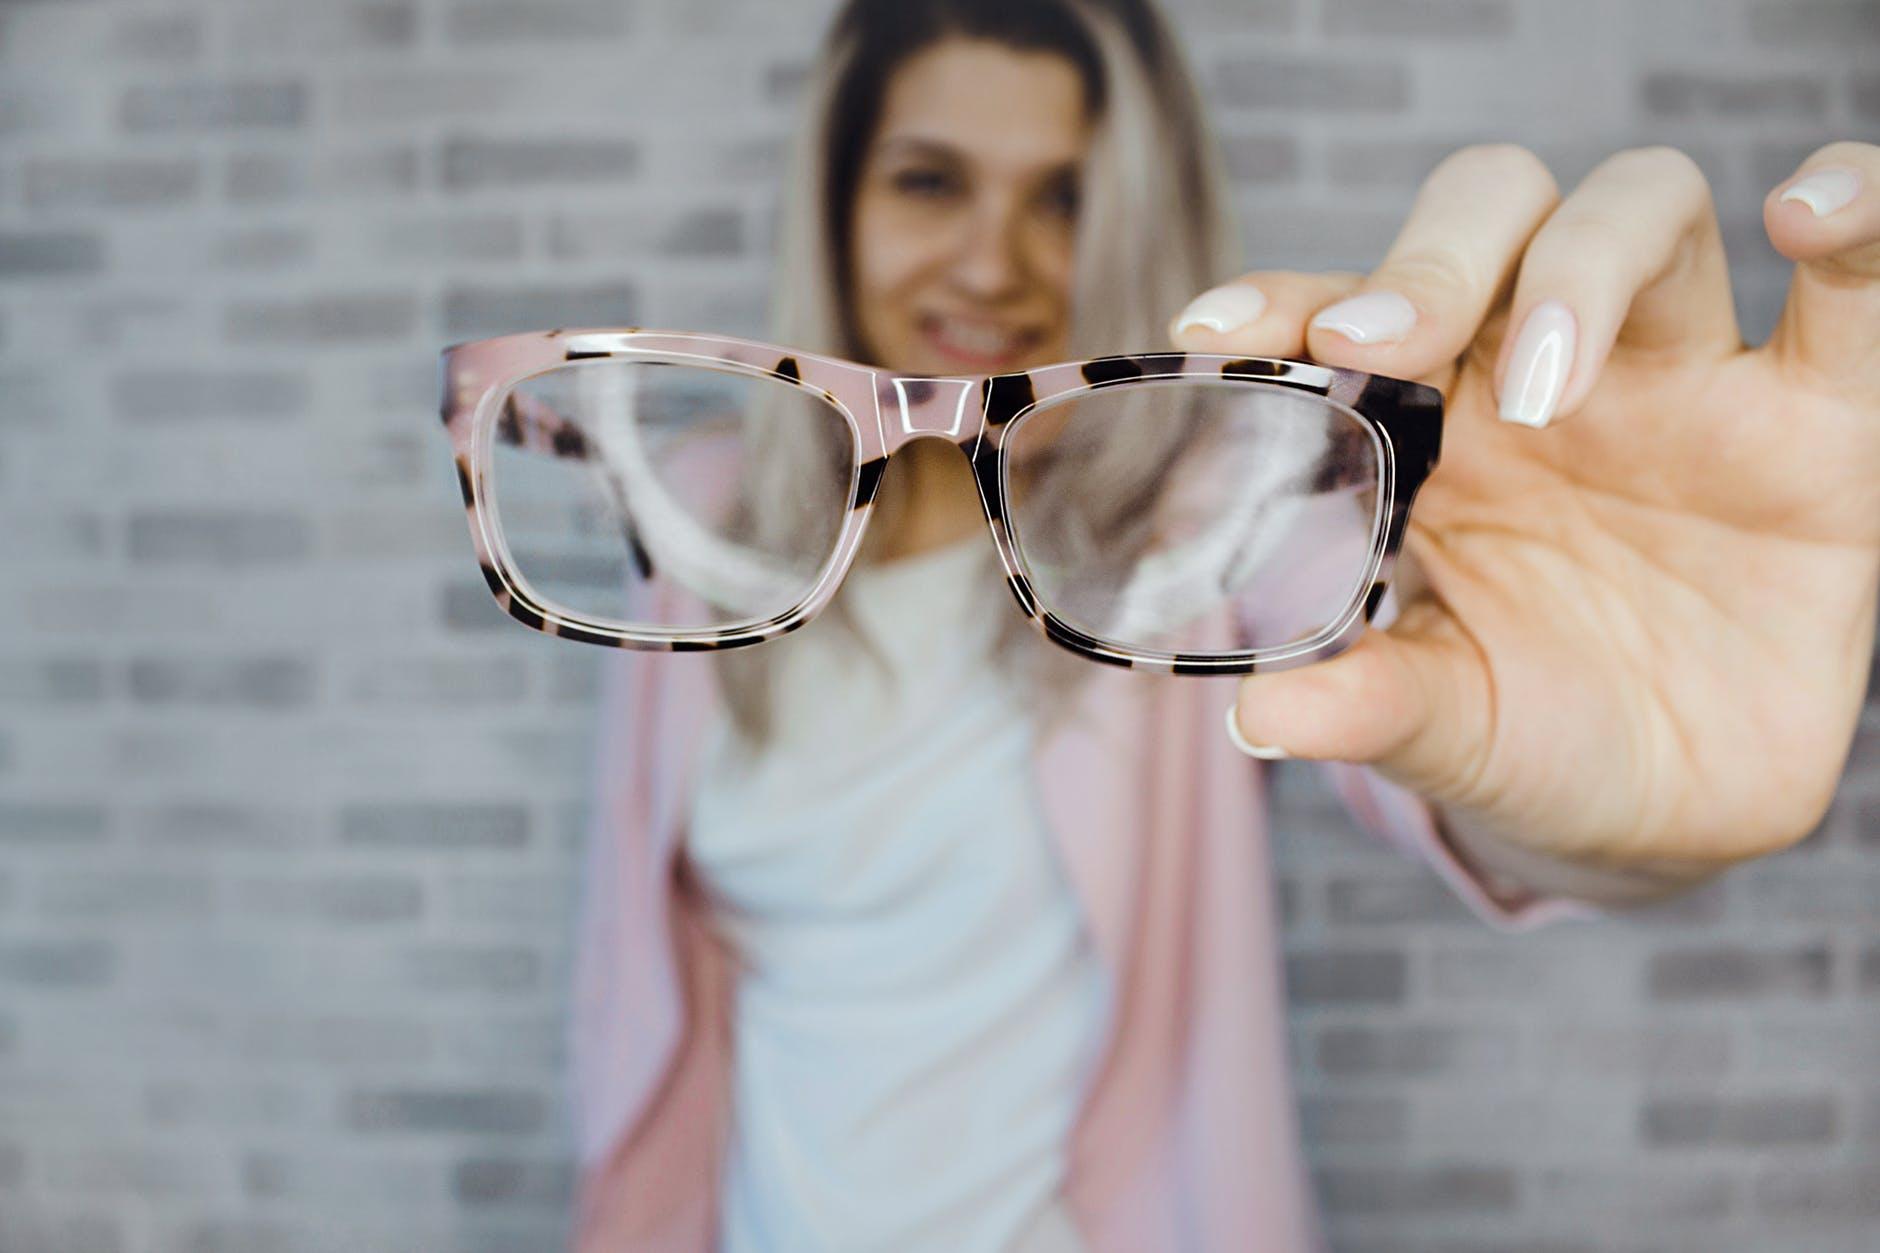 Brillenversicherung: die neue Brille sieht gut aus